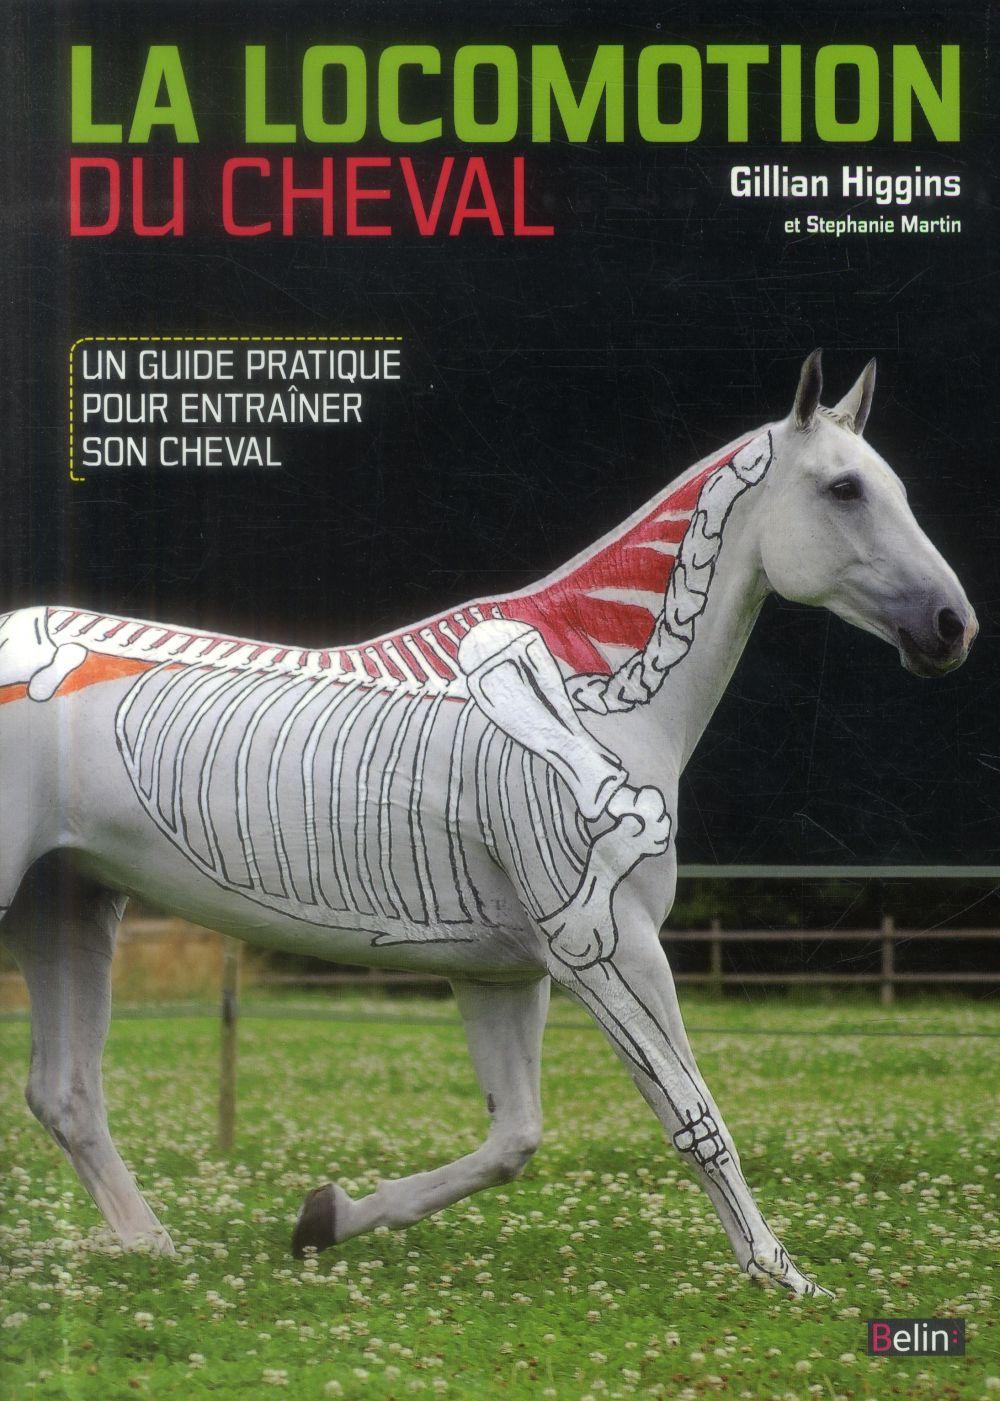 La locomotion du cheval ; un guide pratique pour entraîner son cheval